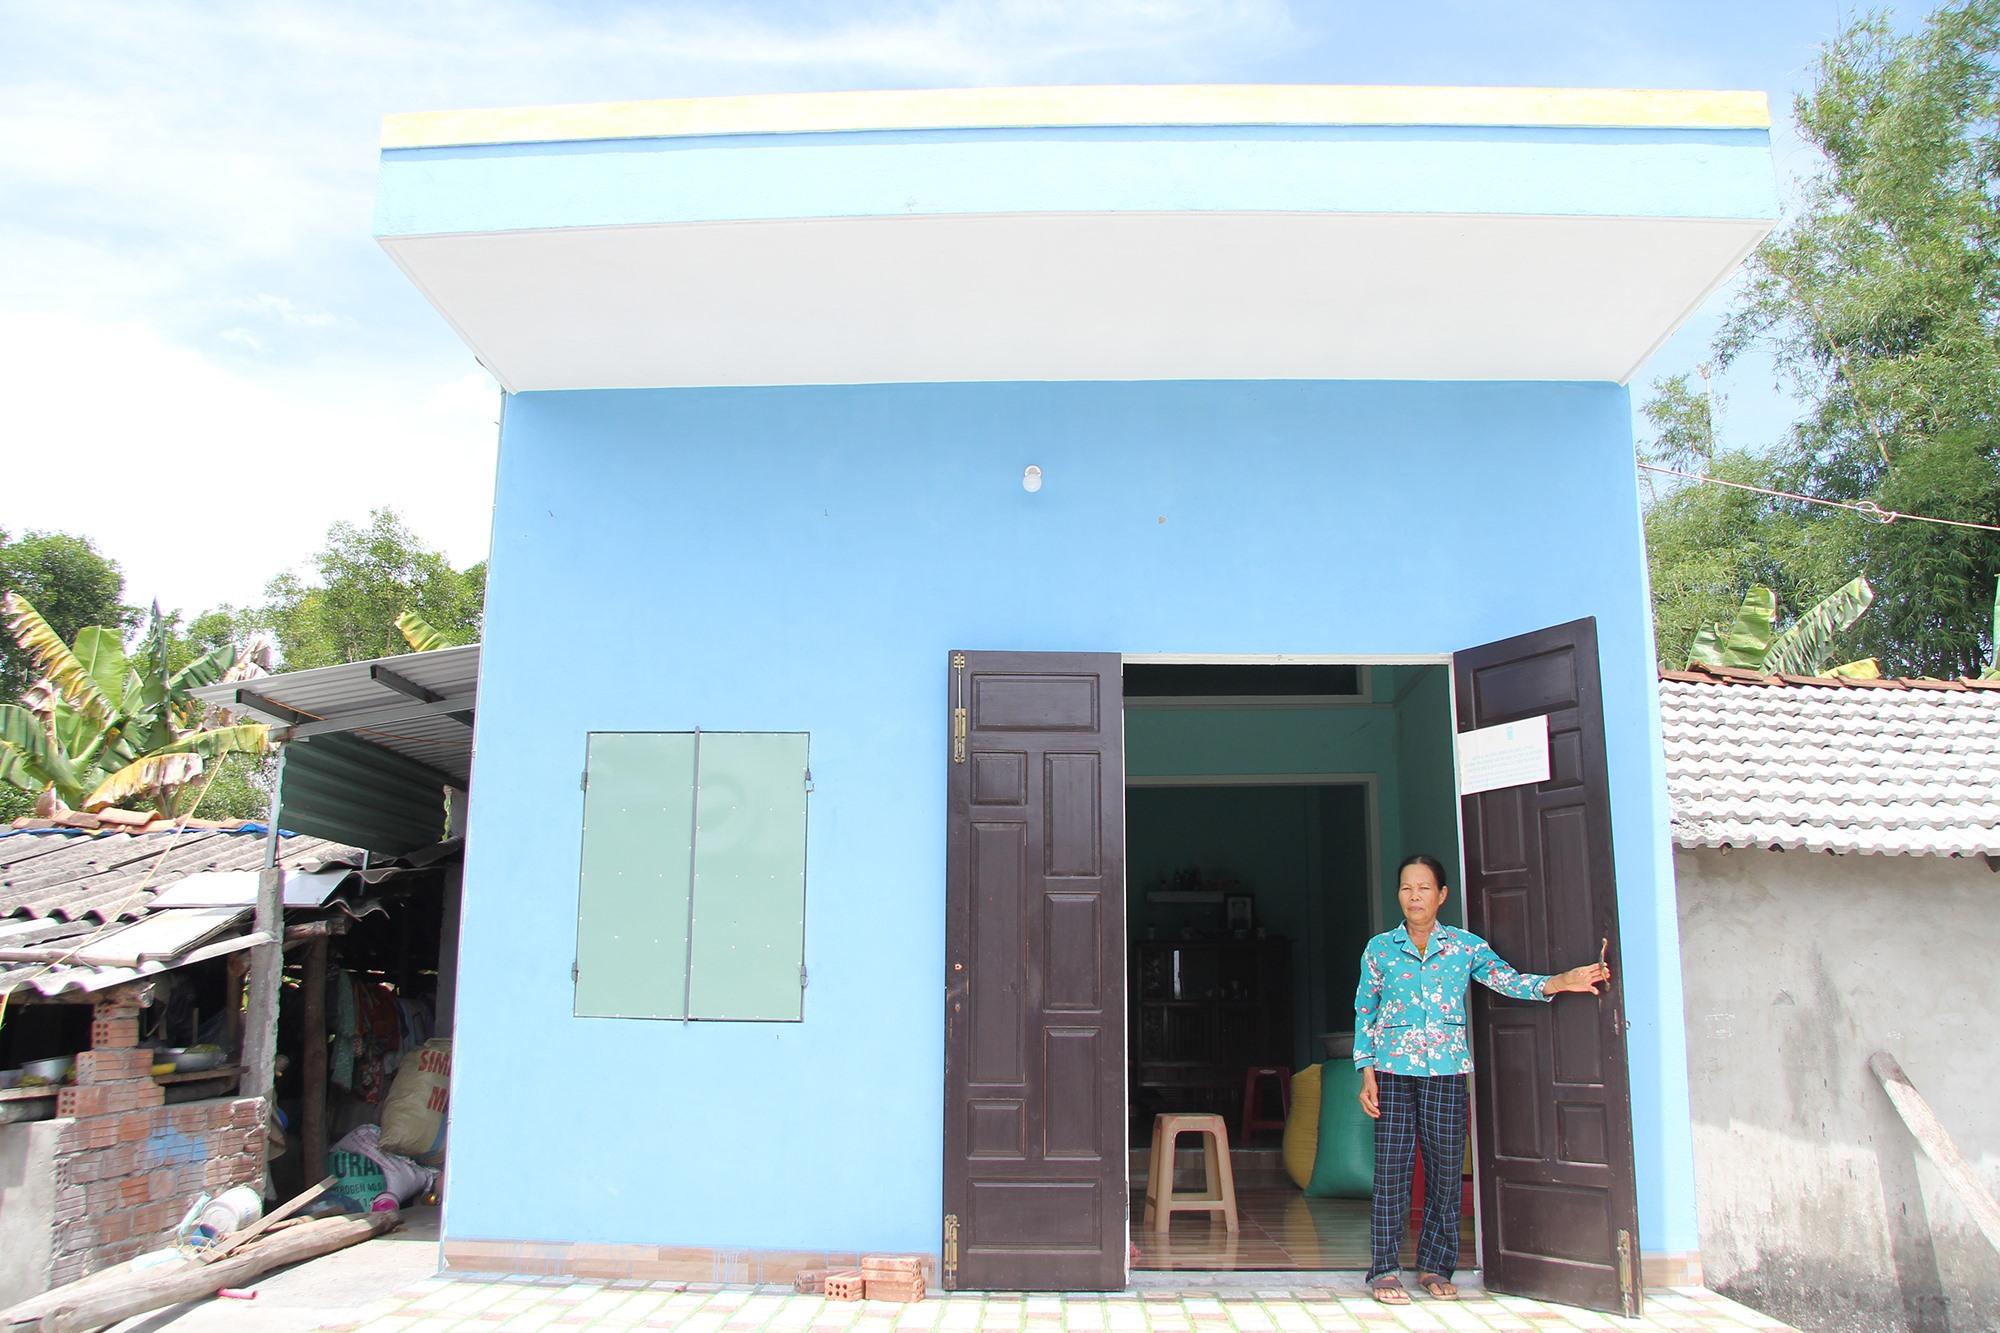 Bà Lê Thị Cứ vui mừng bên ngôi nhà mới của mình. Ảnh: H.Q